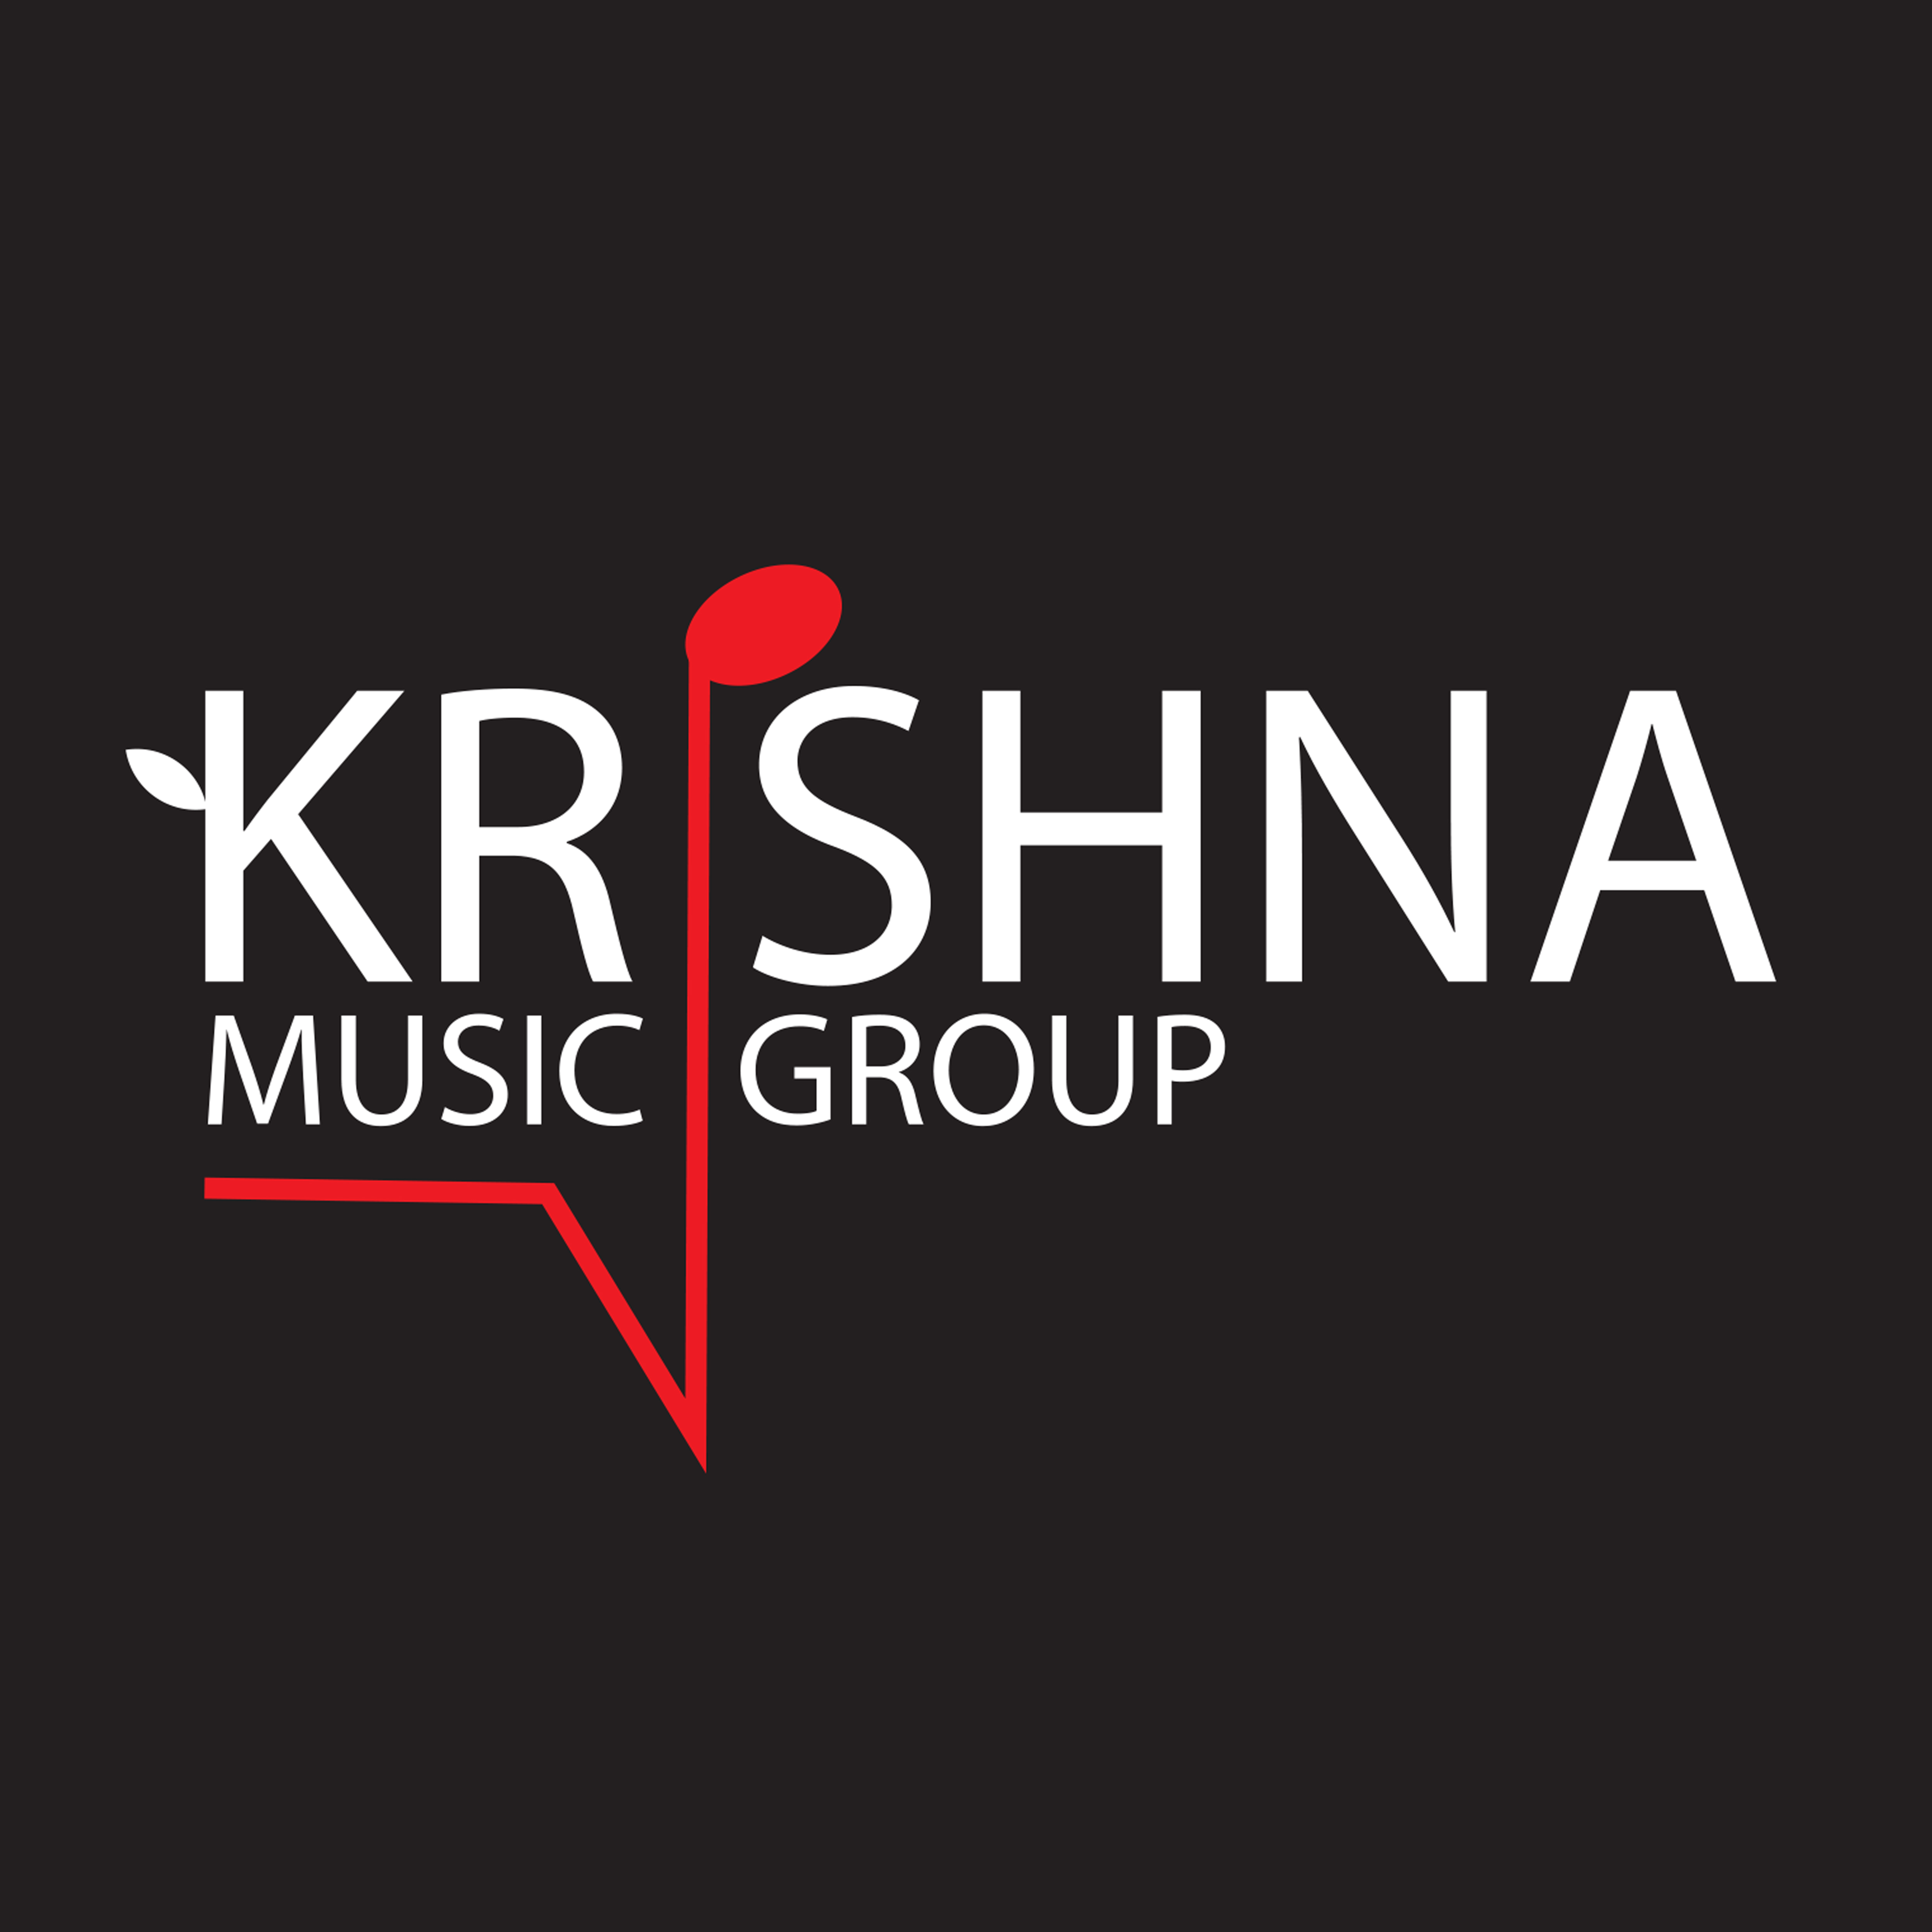 Krishna Music Group